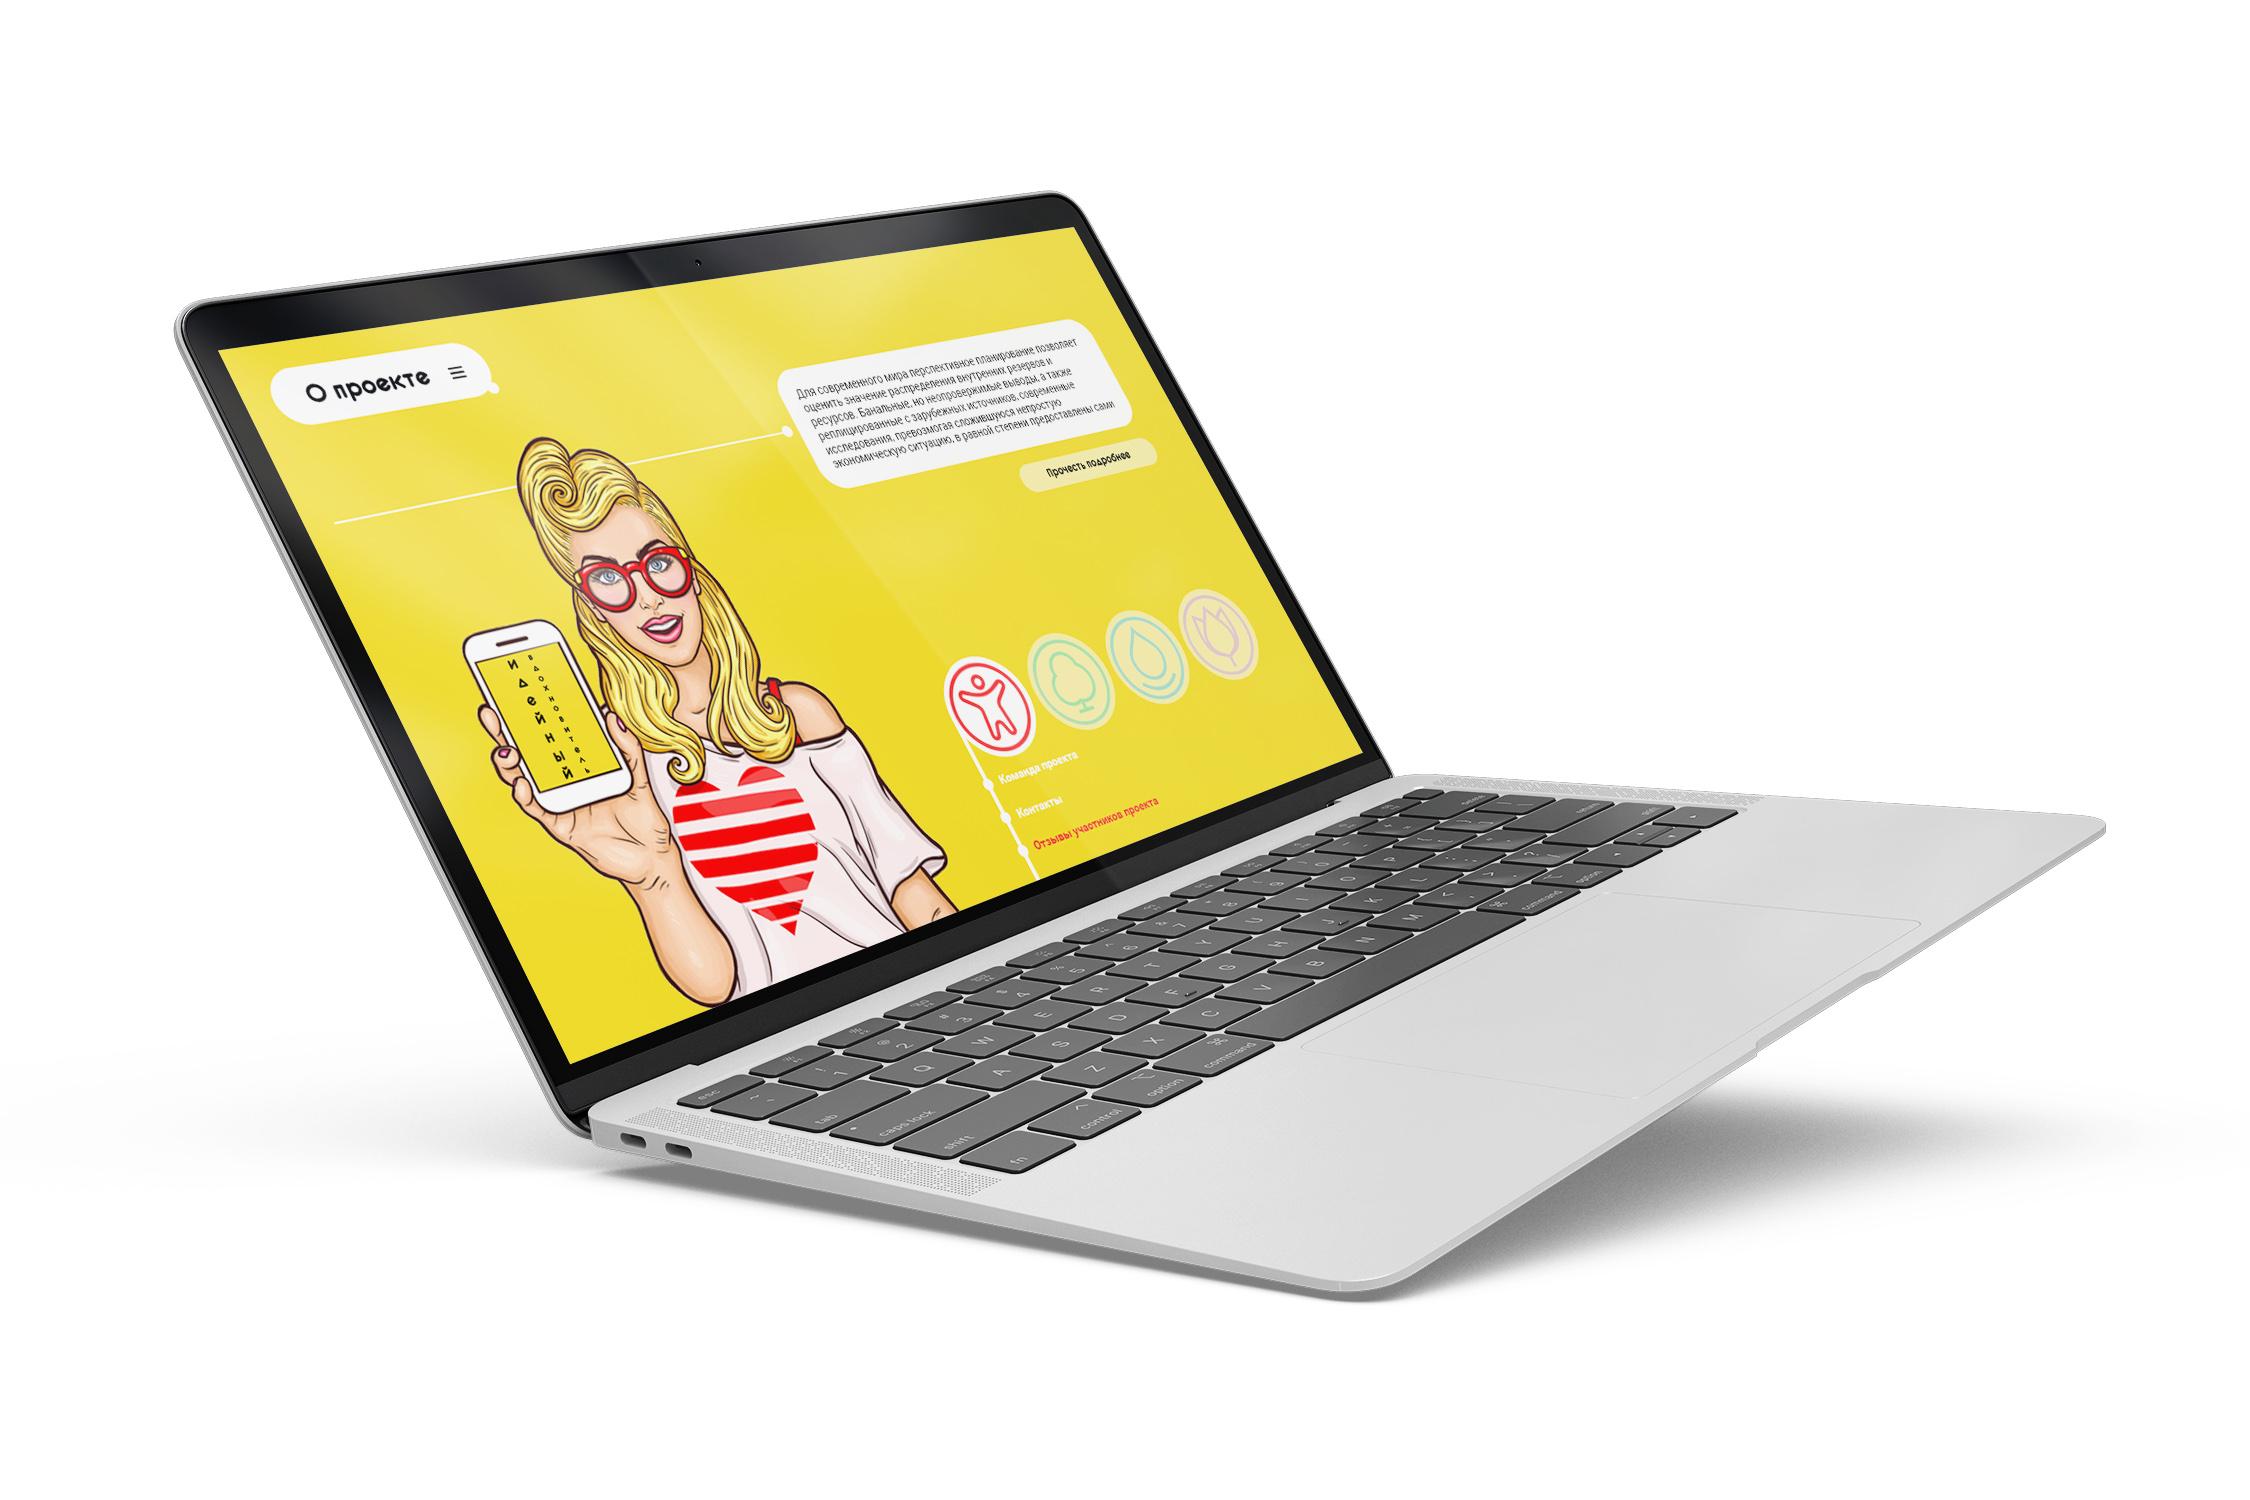 Креативный дизайн внутренней страницы портала для детей фото f_0305cfbd58a63045.jpg